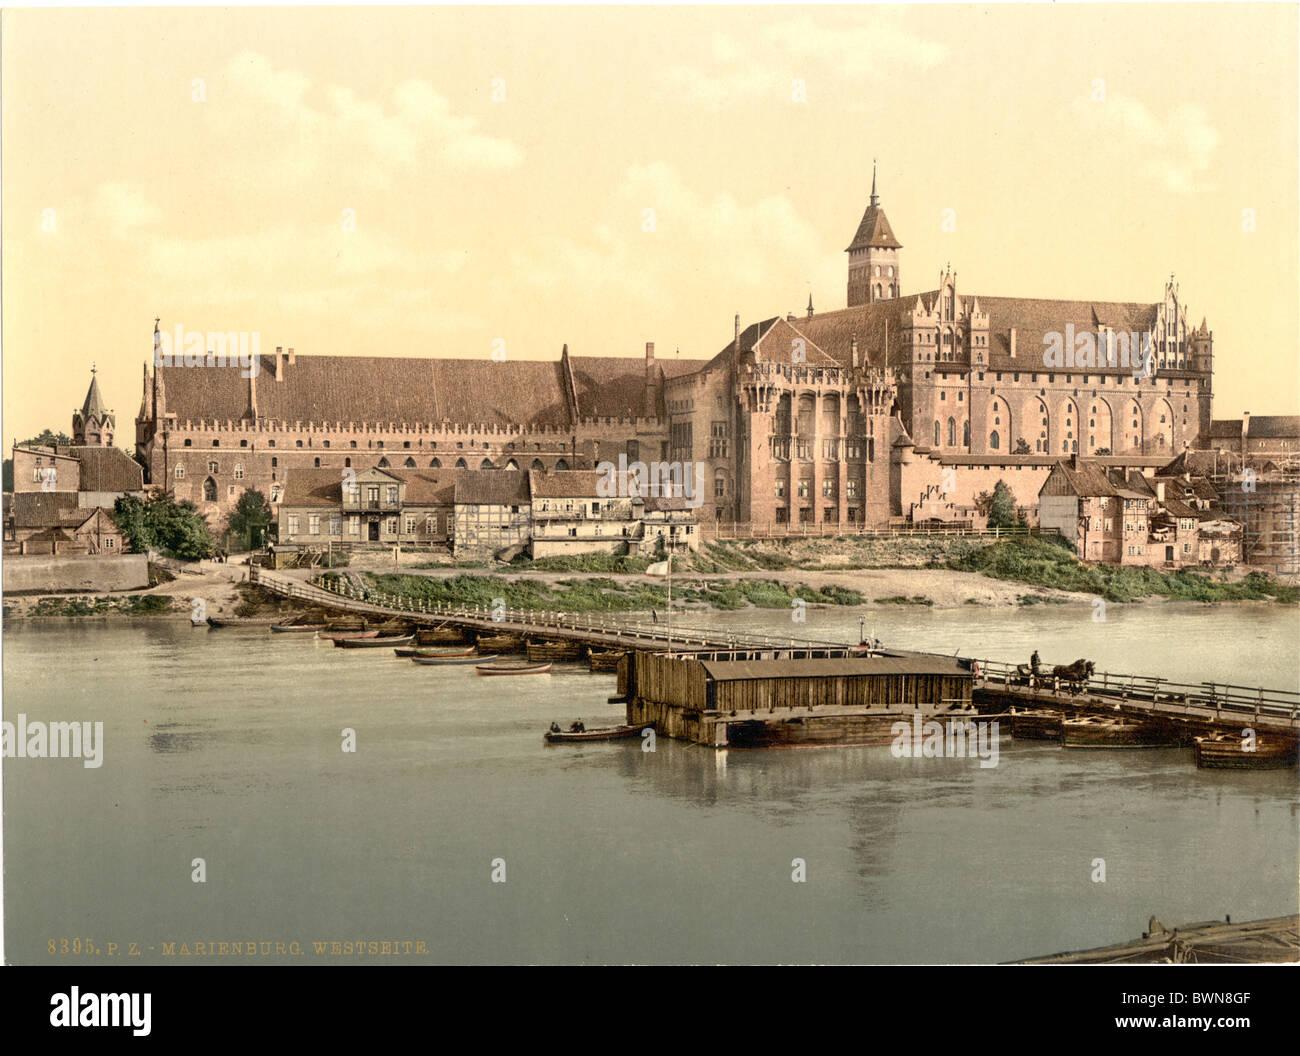 Marienburg Westpreußen Seite früher Deutschland Europa Marienburg Polen Photochrom über 1900 Geschichte Stockbild